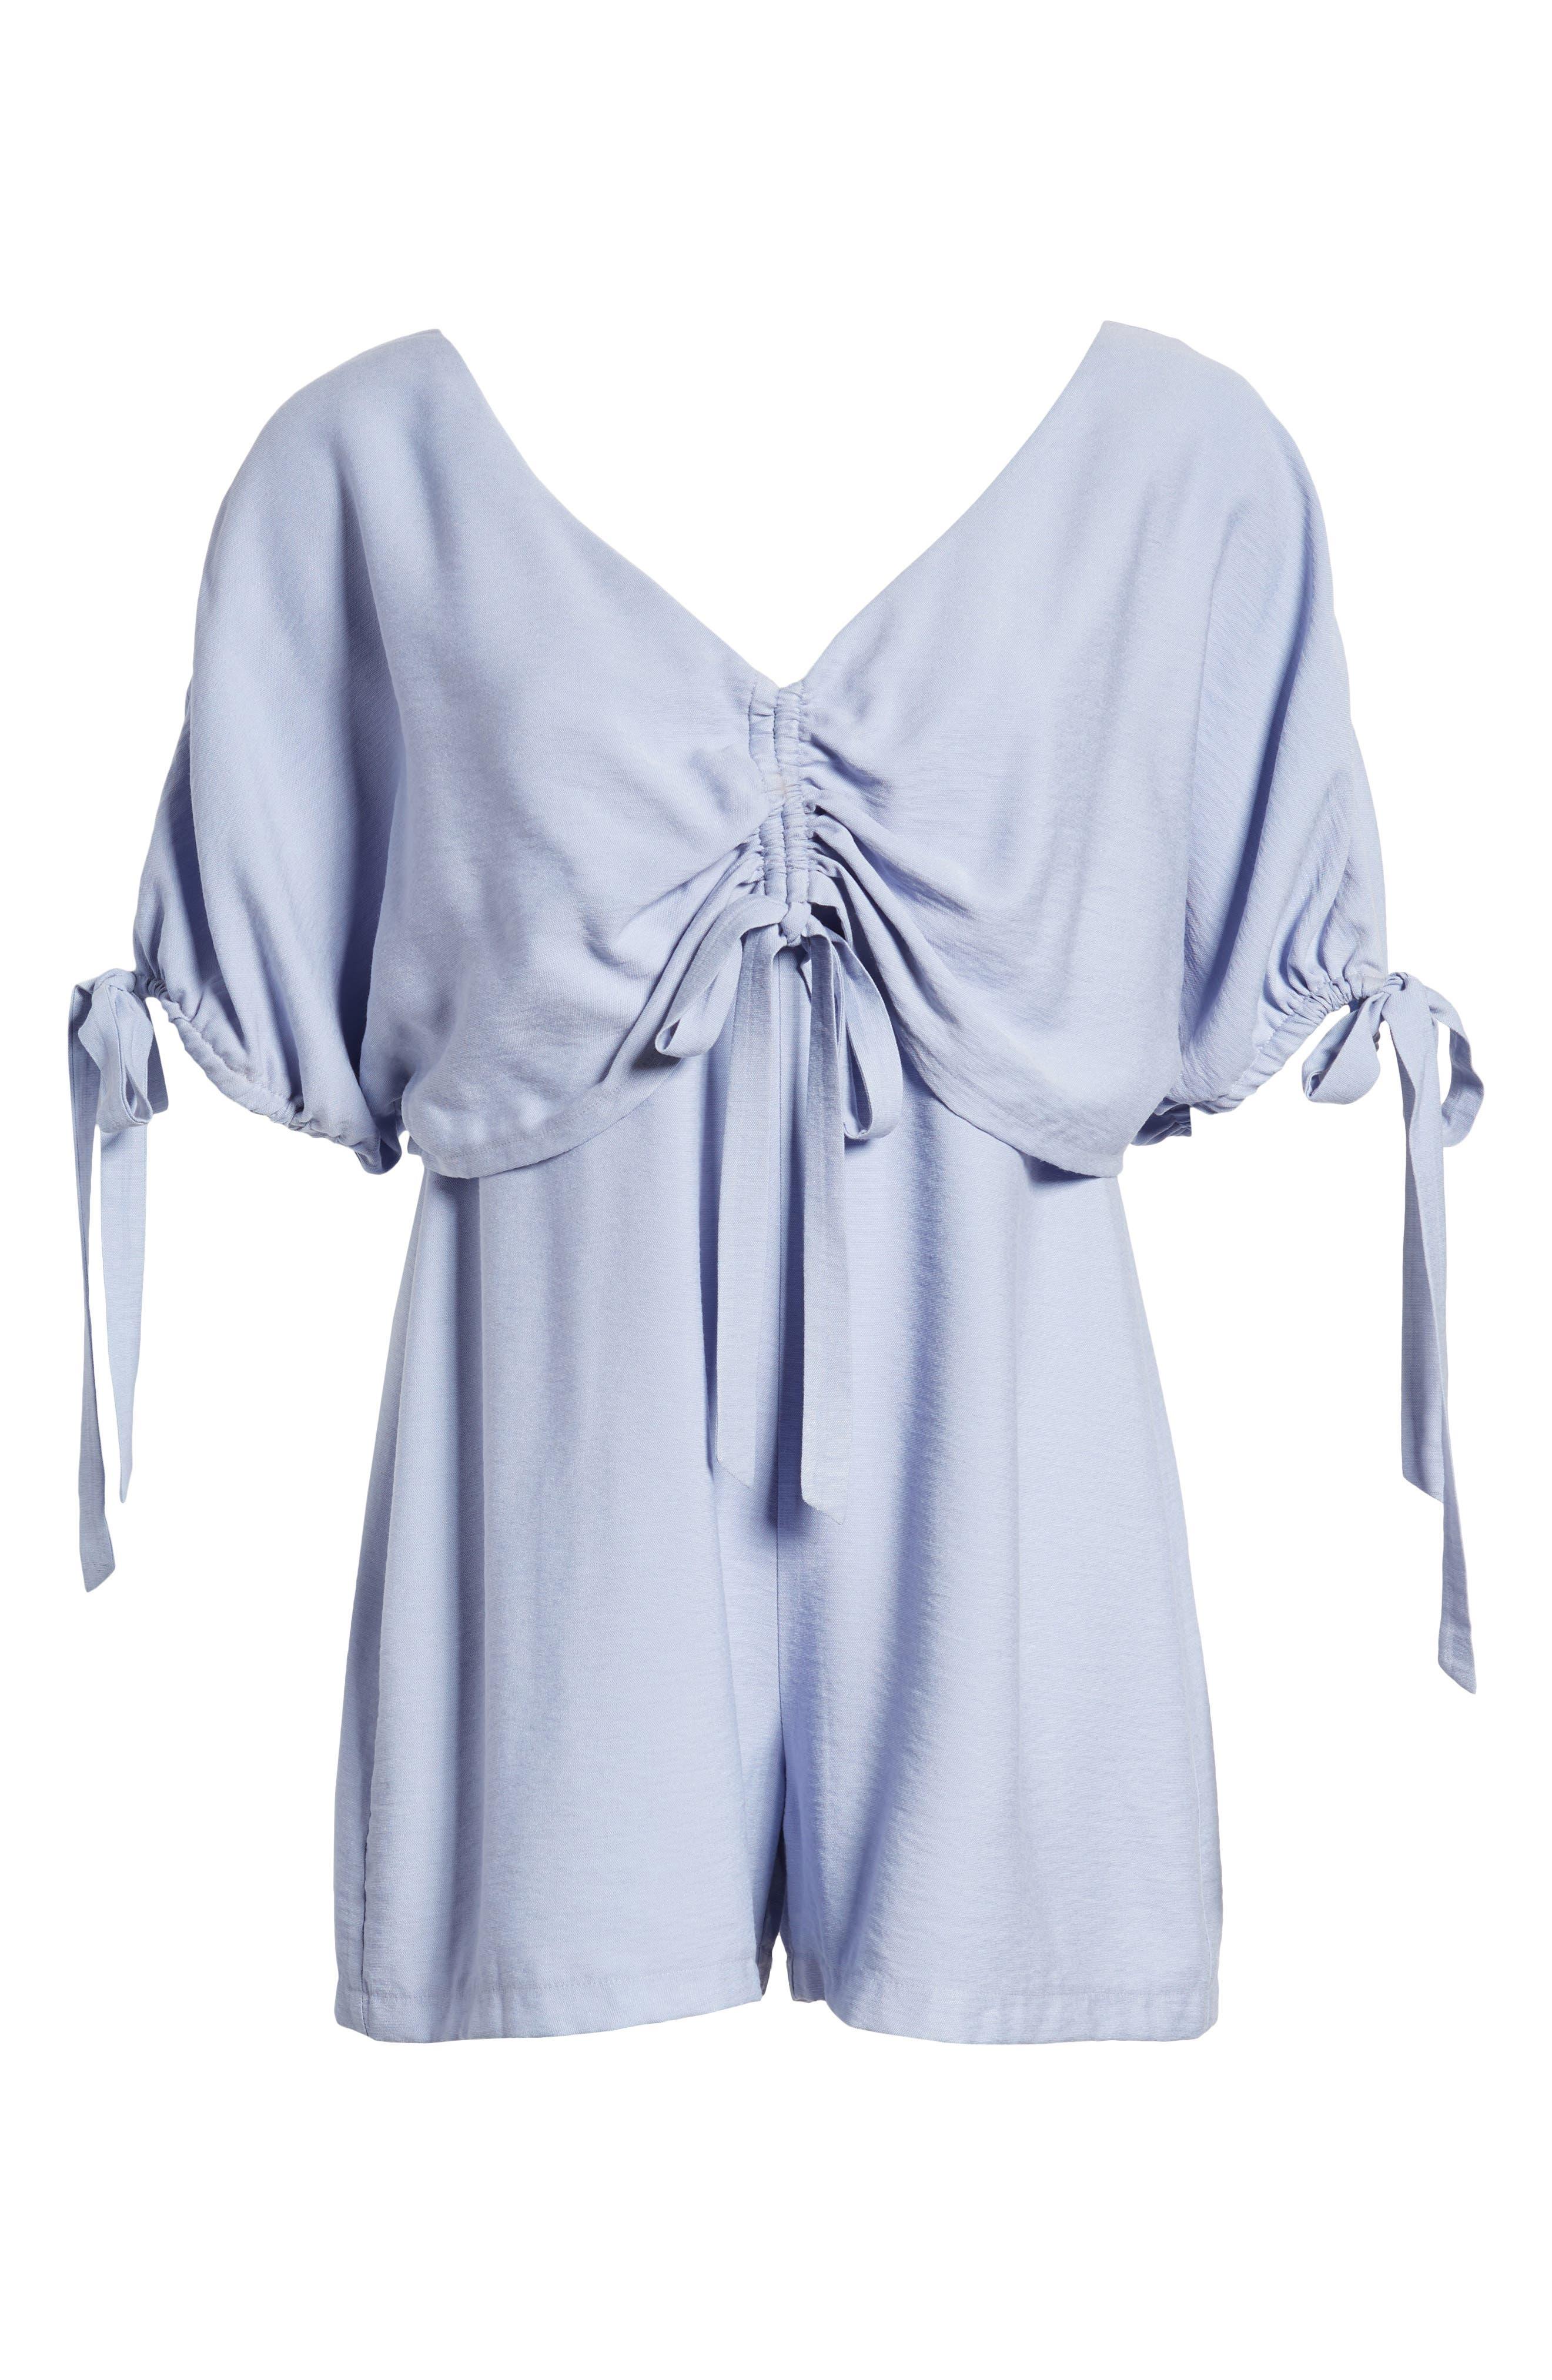 Tie Sleeve V-Neck Romper,                             Alternate thumbnail 8, color,                             Blue